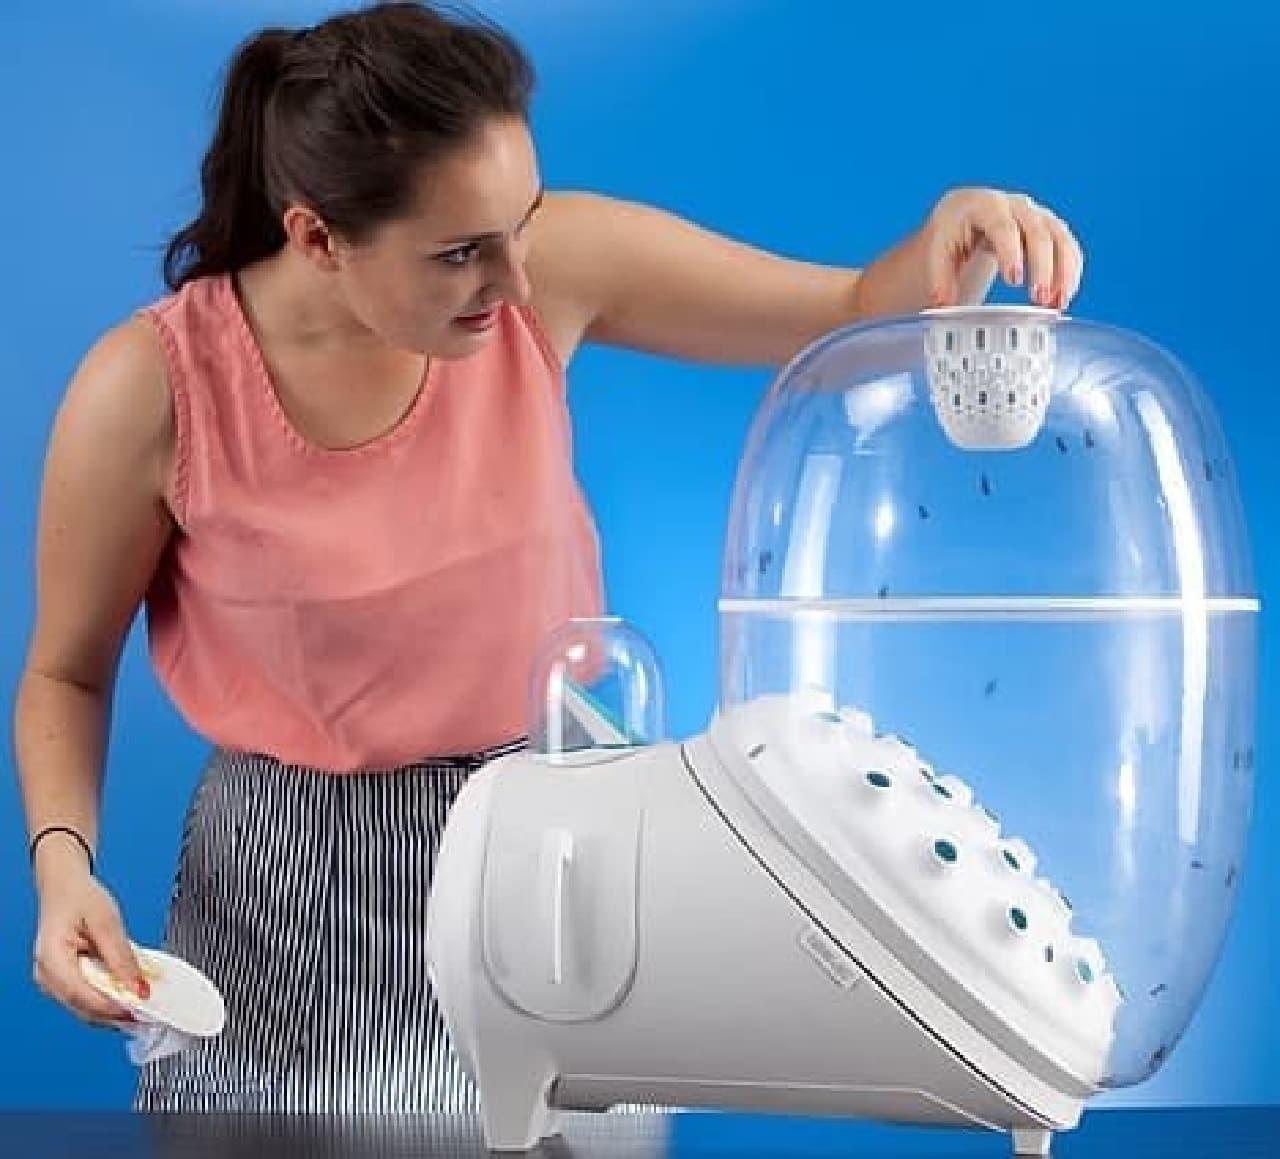 ウジ虫は装置上部の小部屋で成虫となり、下の主室で交配、卵を産む